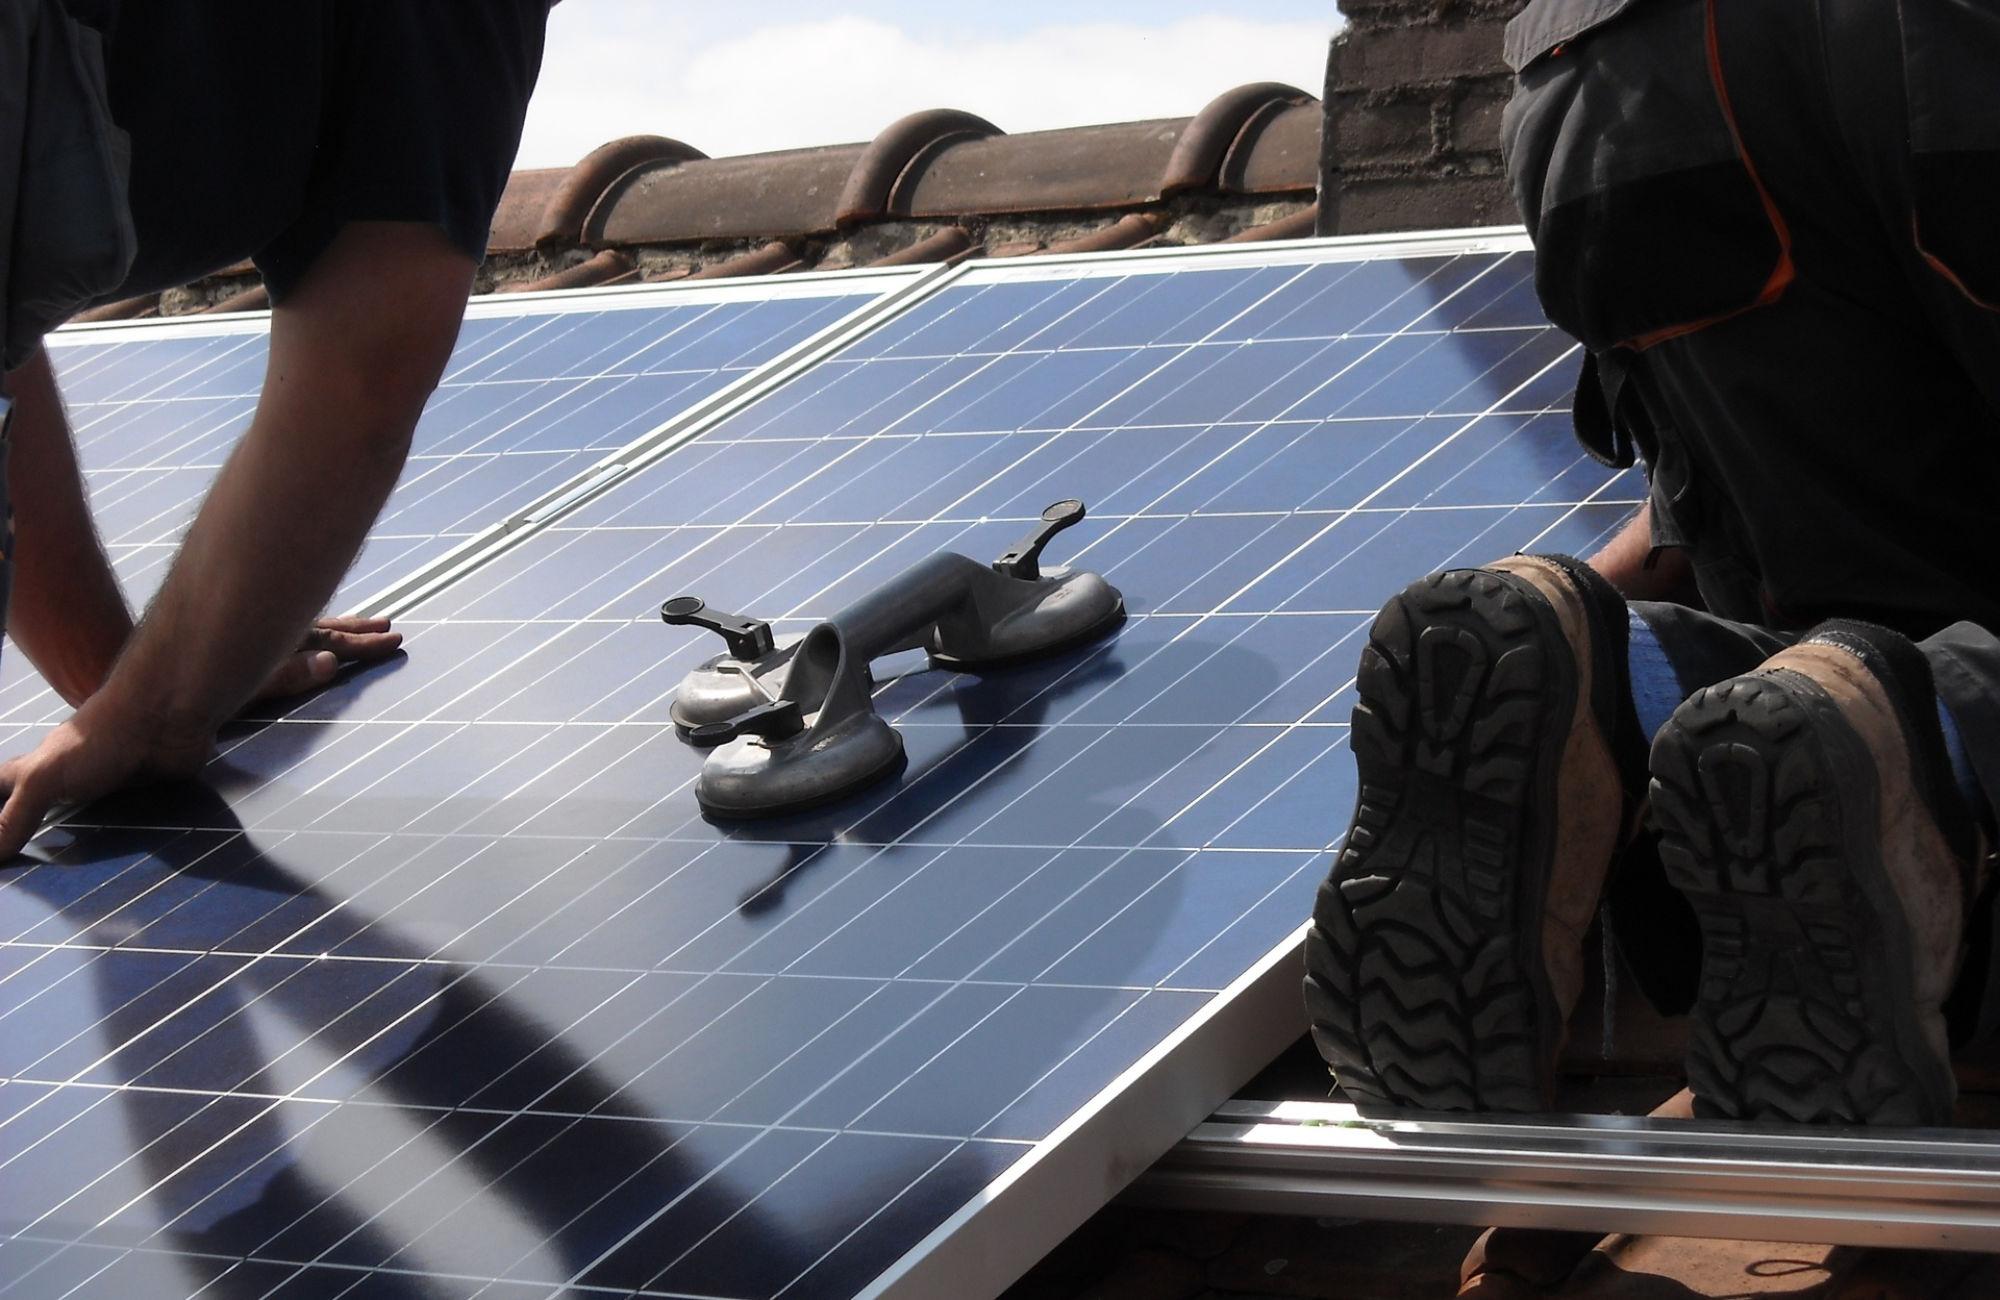 Choisir l'implantation des panneaux photovoltaïques